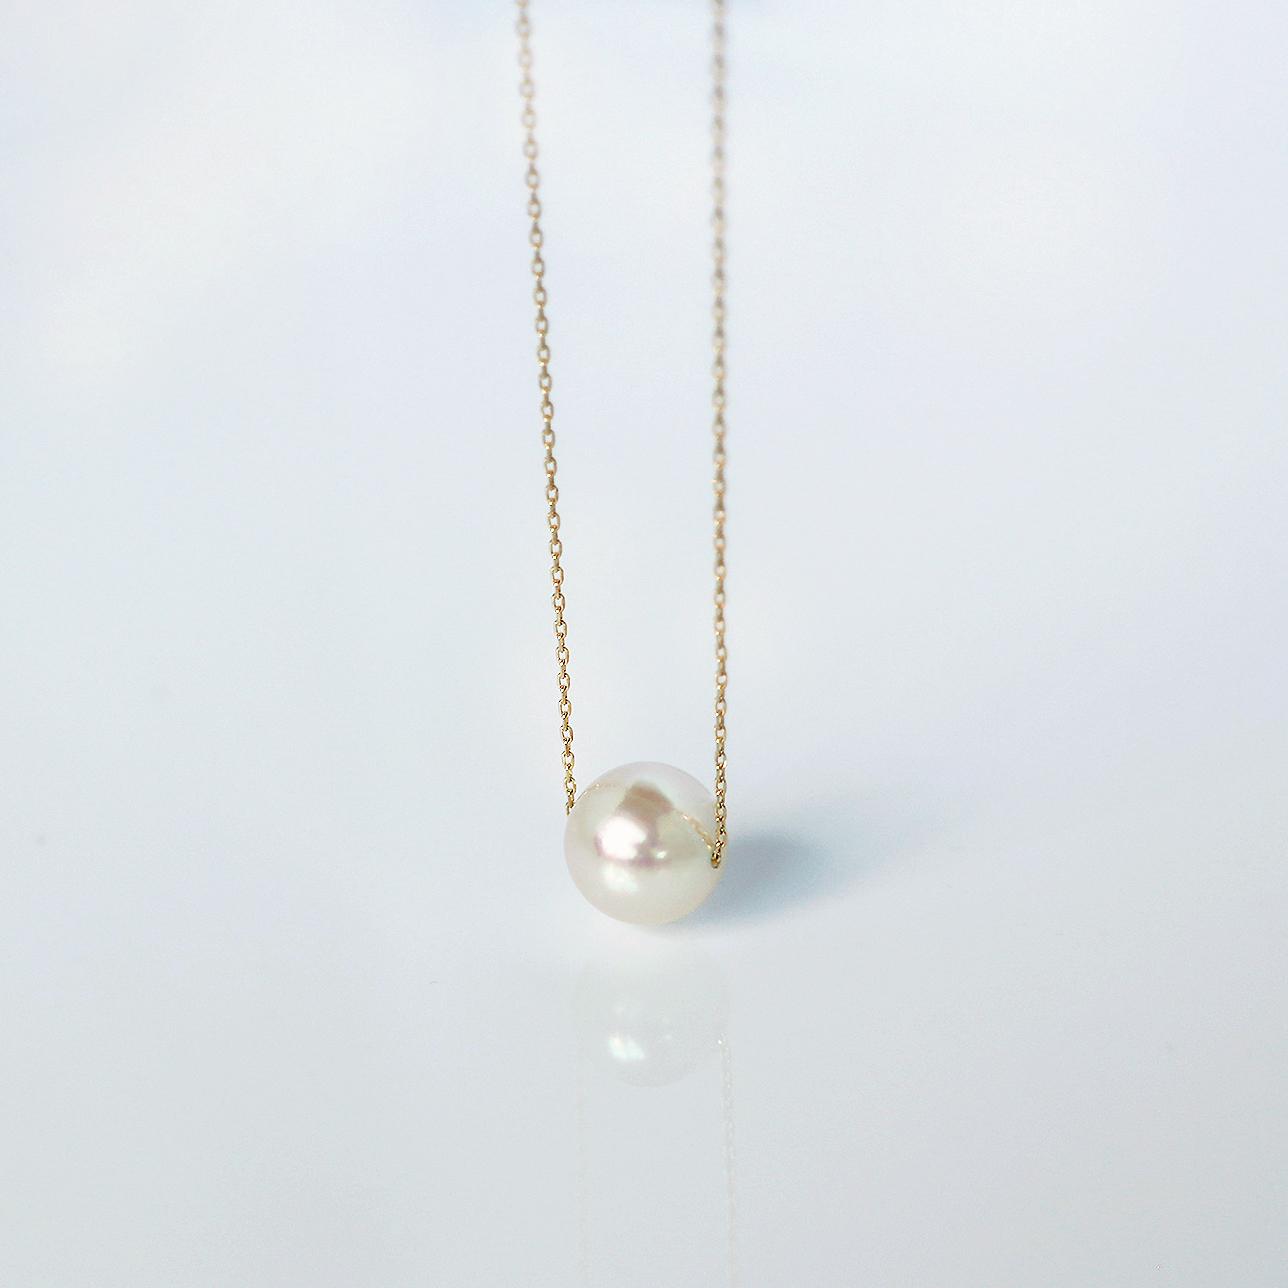 BASIC / Necklace (White)